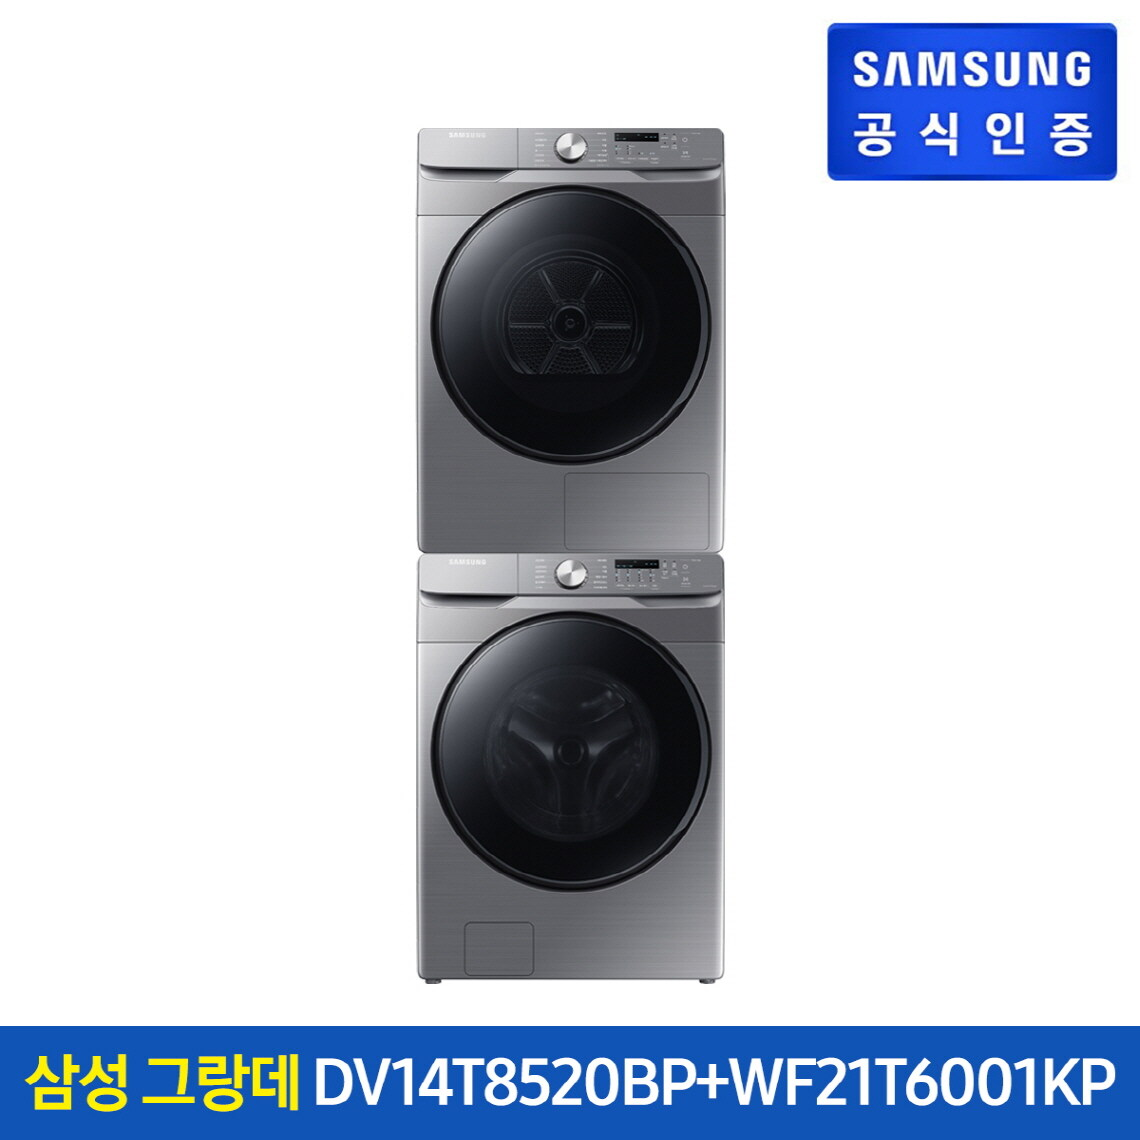 [삼성](+신세계상품권3만원)무료설치 배송! 그랑데건조기 14kg DV14T8520BP+세탁기 21kg WF21T6001KP, SET